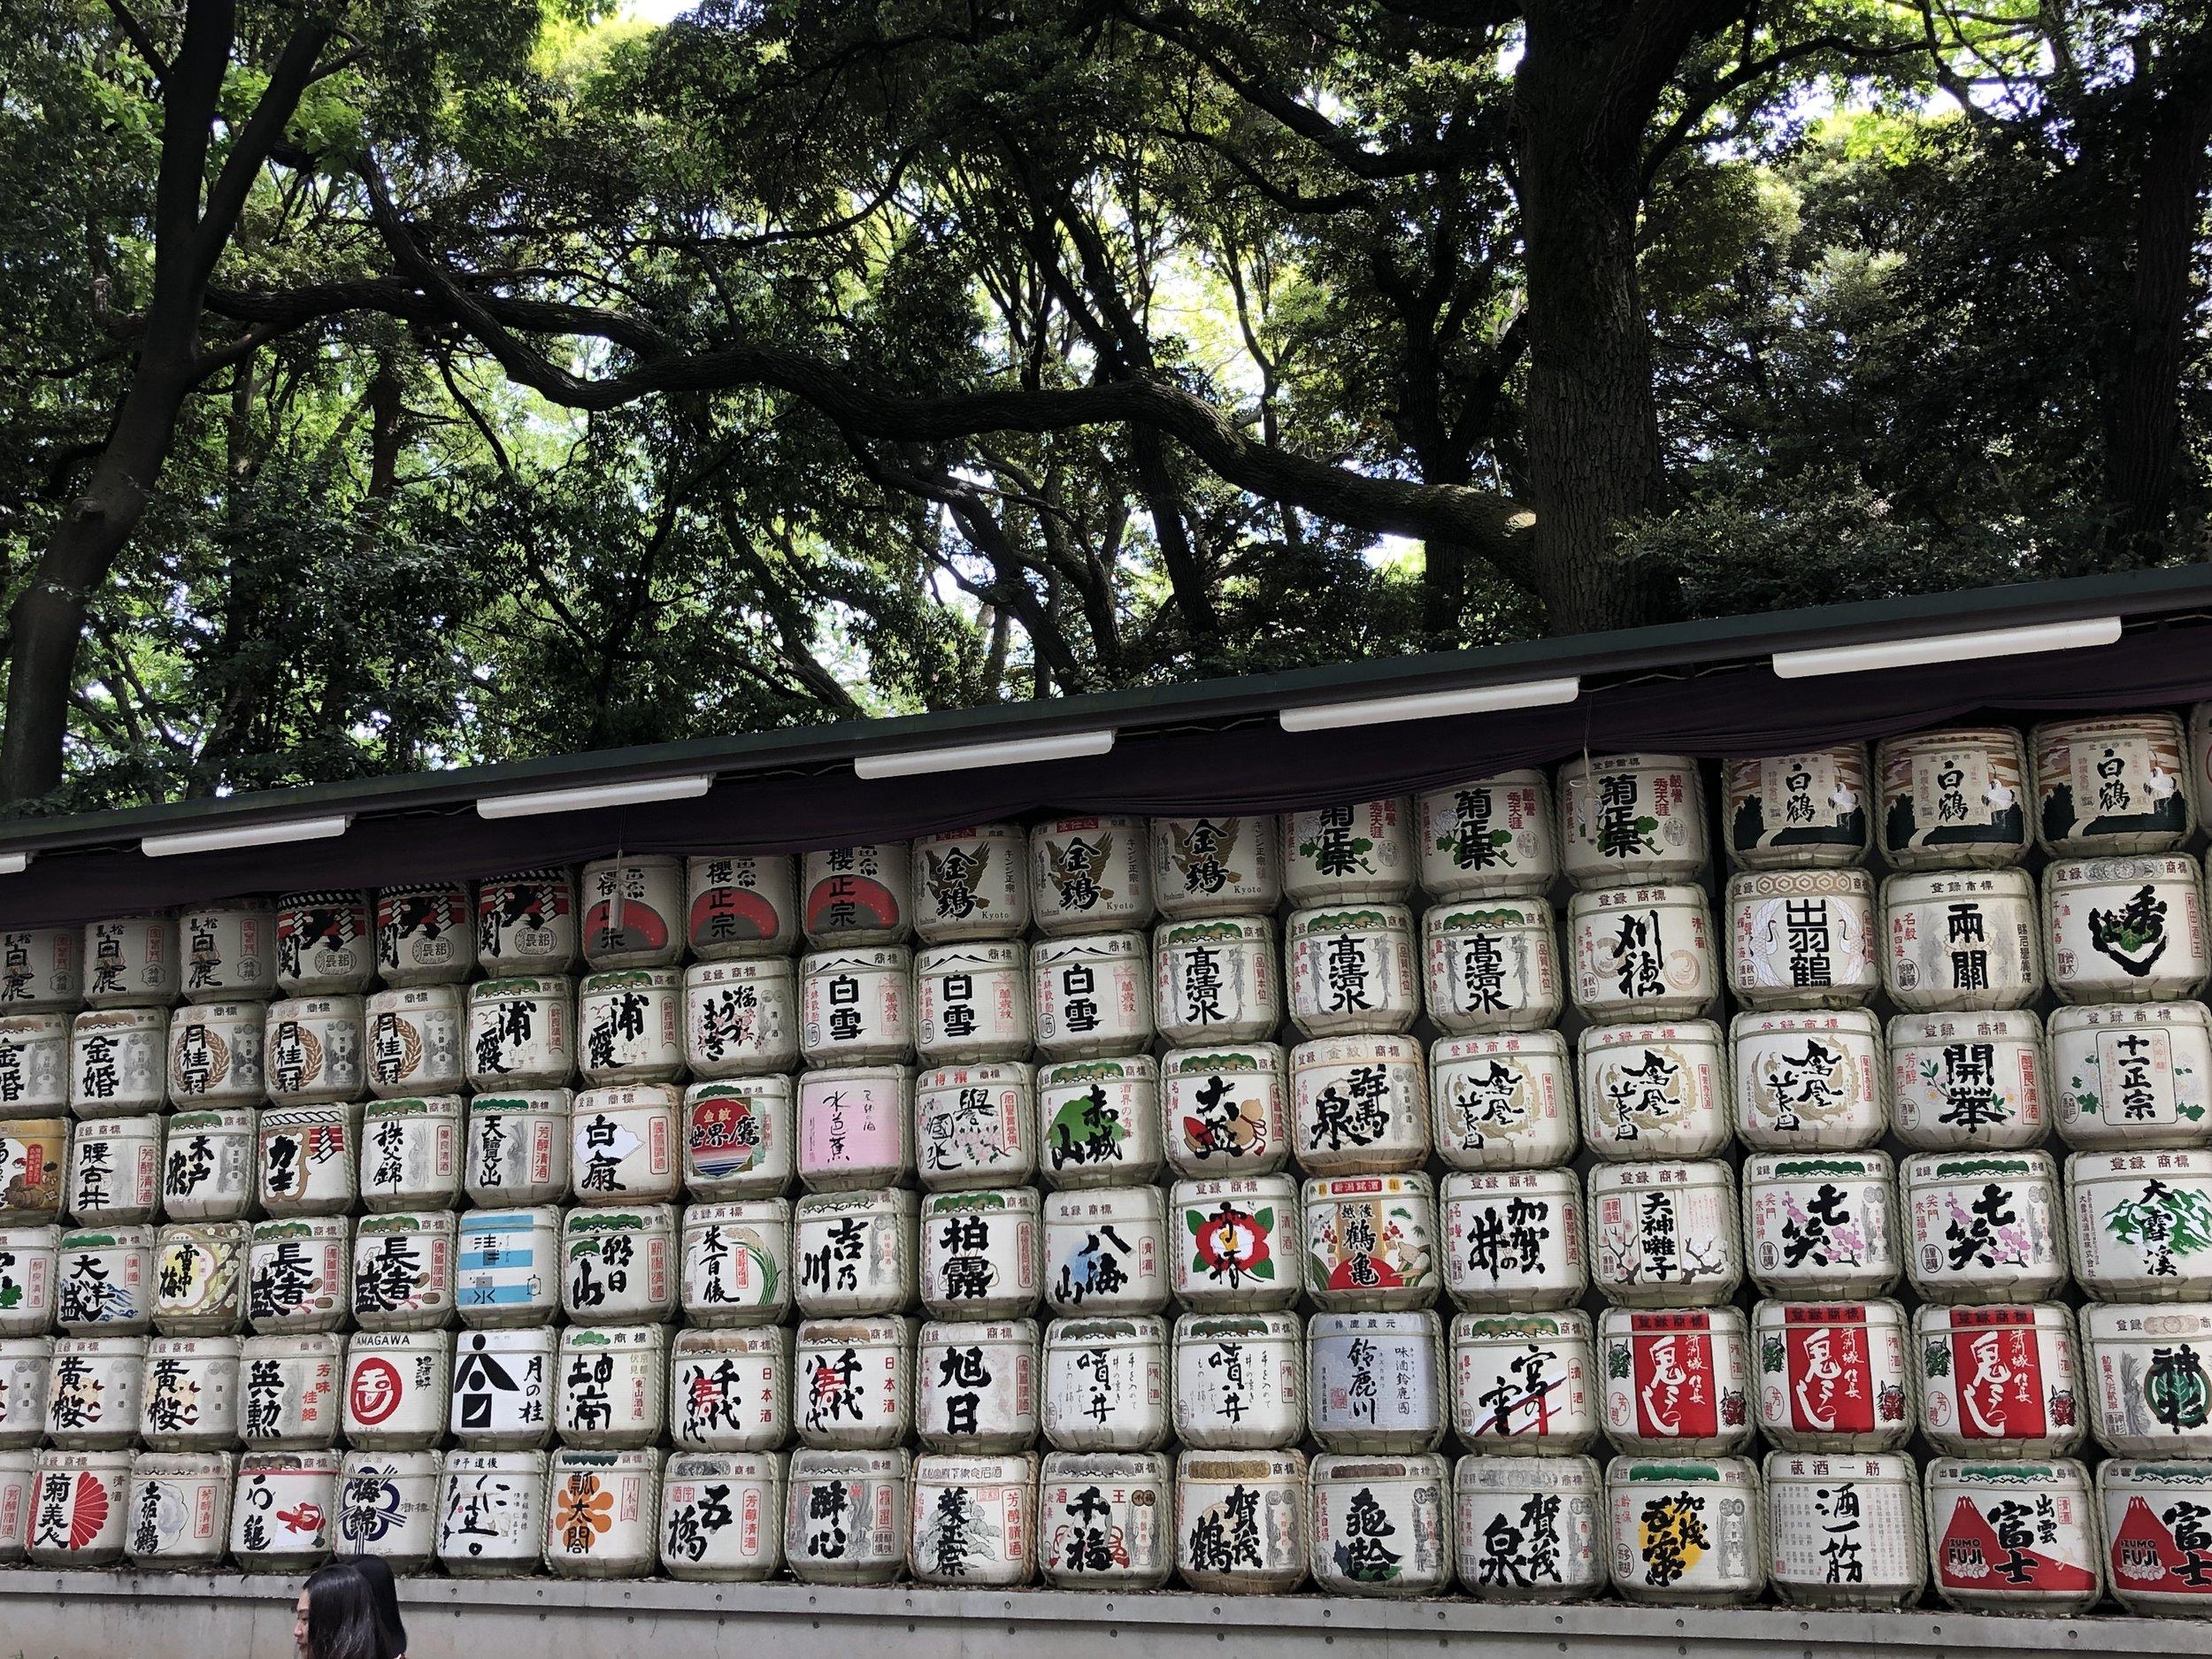 Rice wine casks (Meiji-jingo)